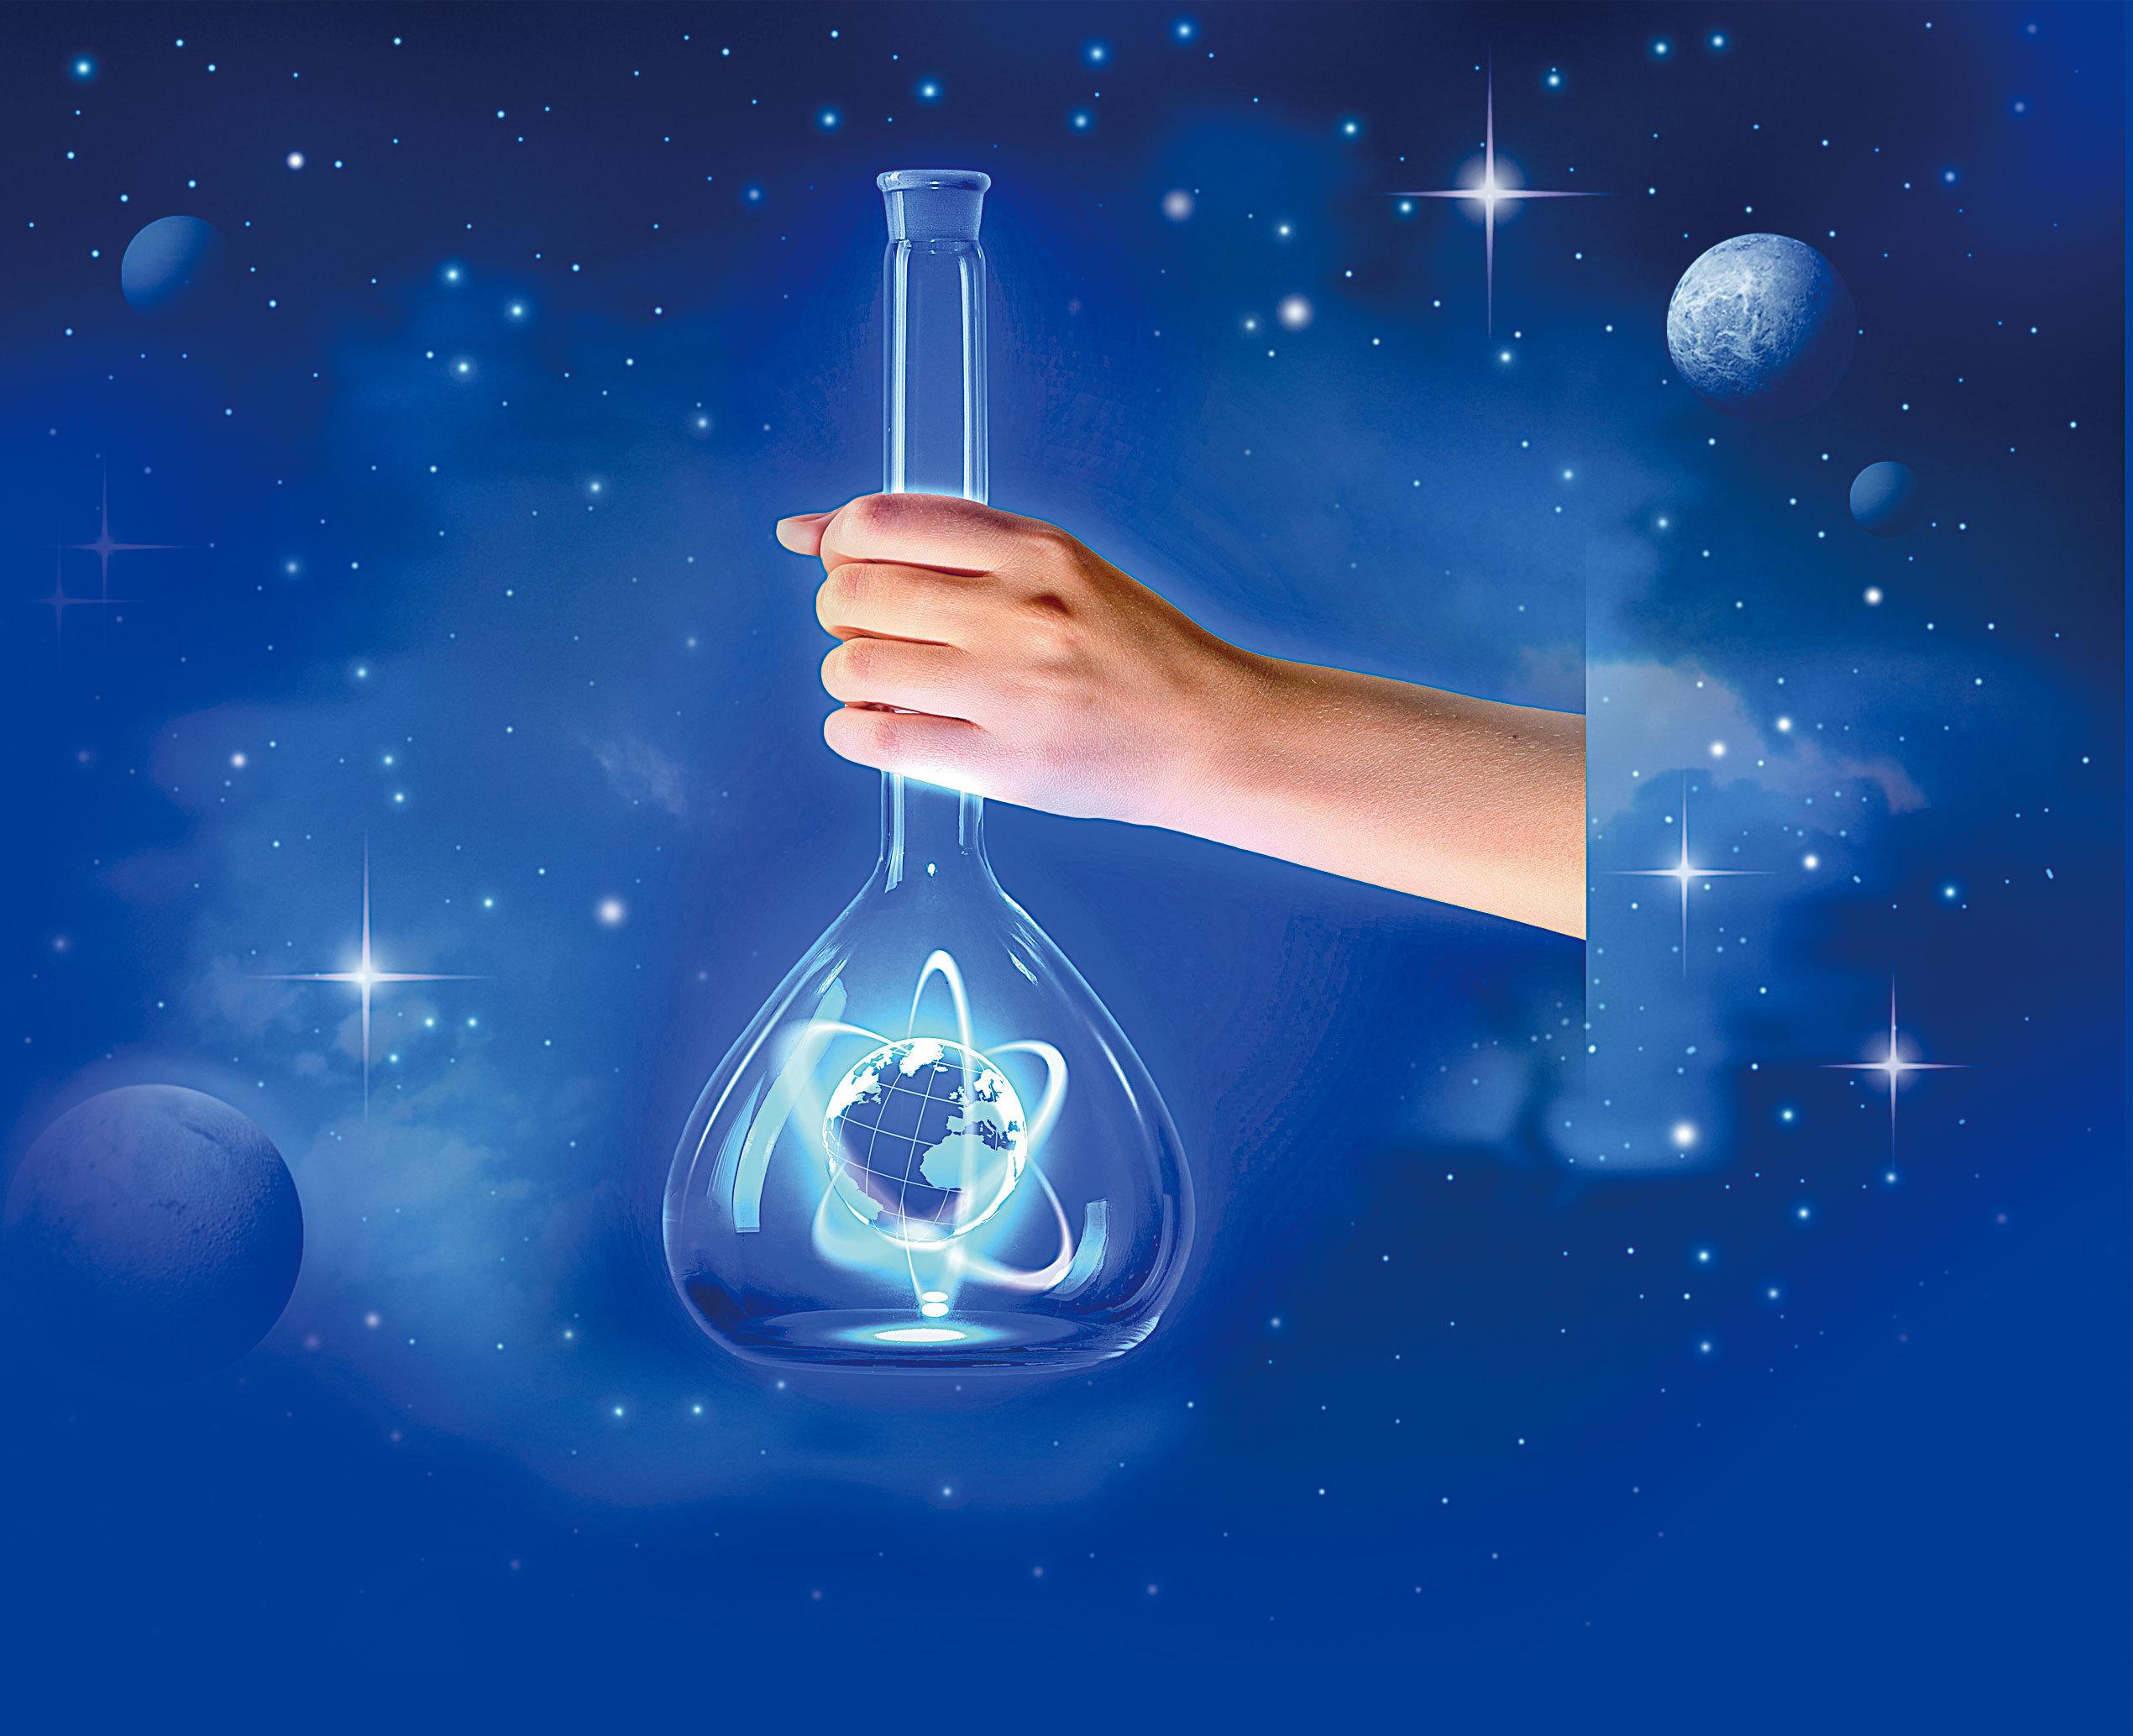 【奇異科學】2016年地球九大奇異科學困惑